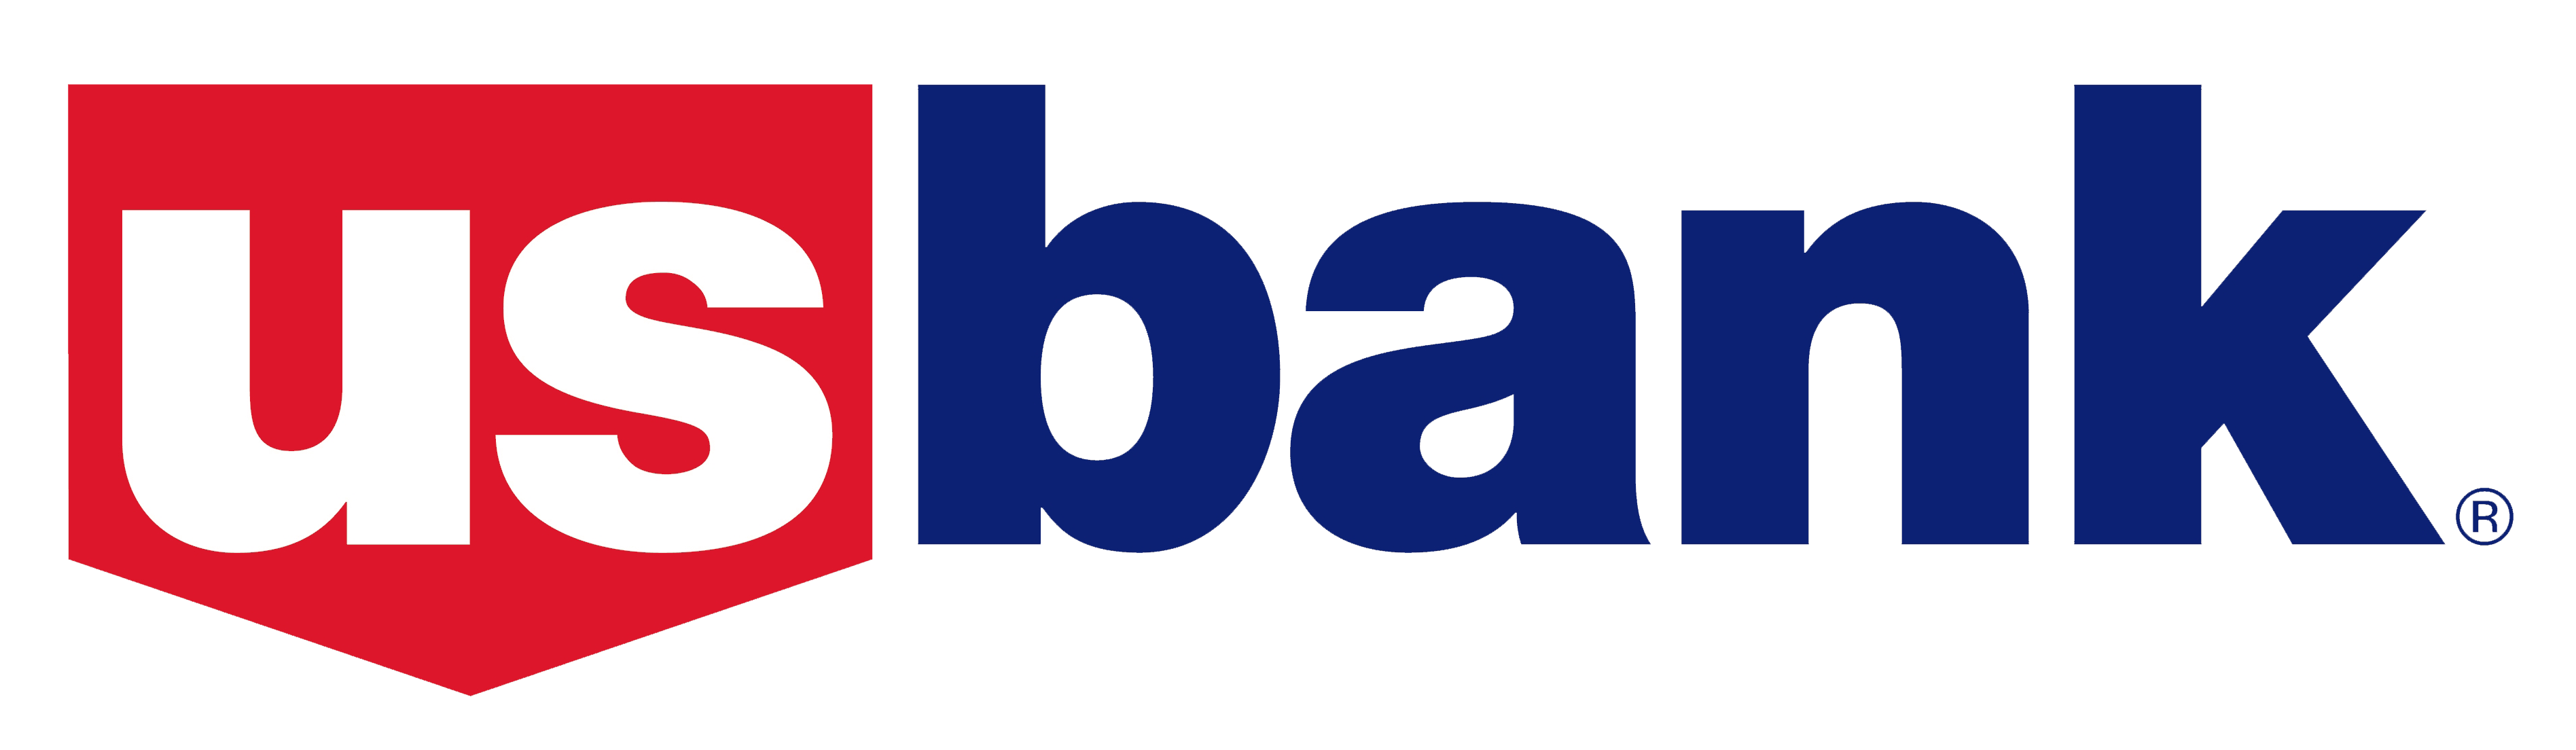 Offer image for U.S. Bank Standard CD